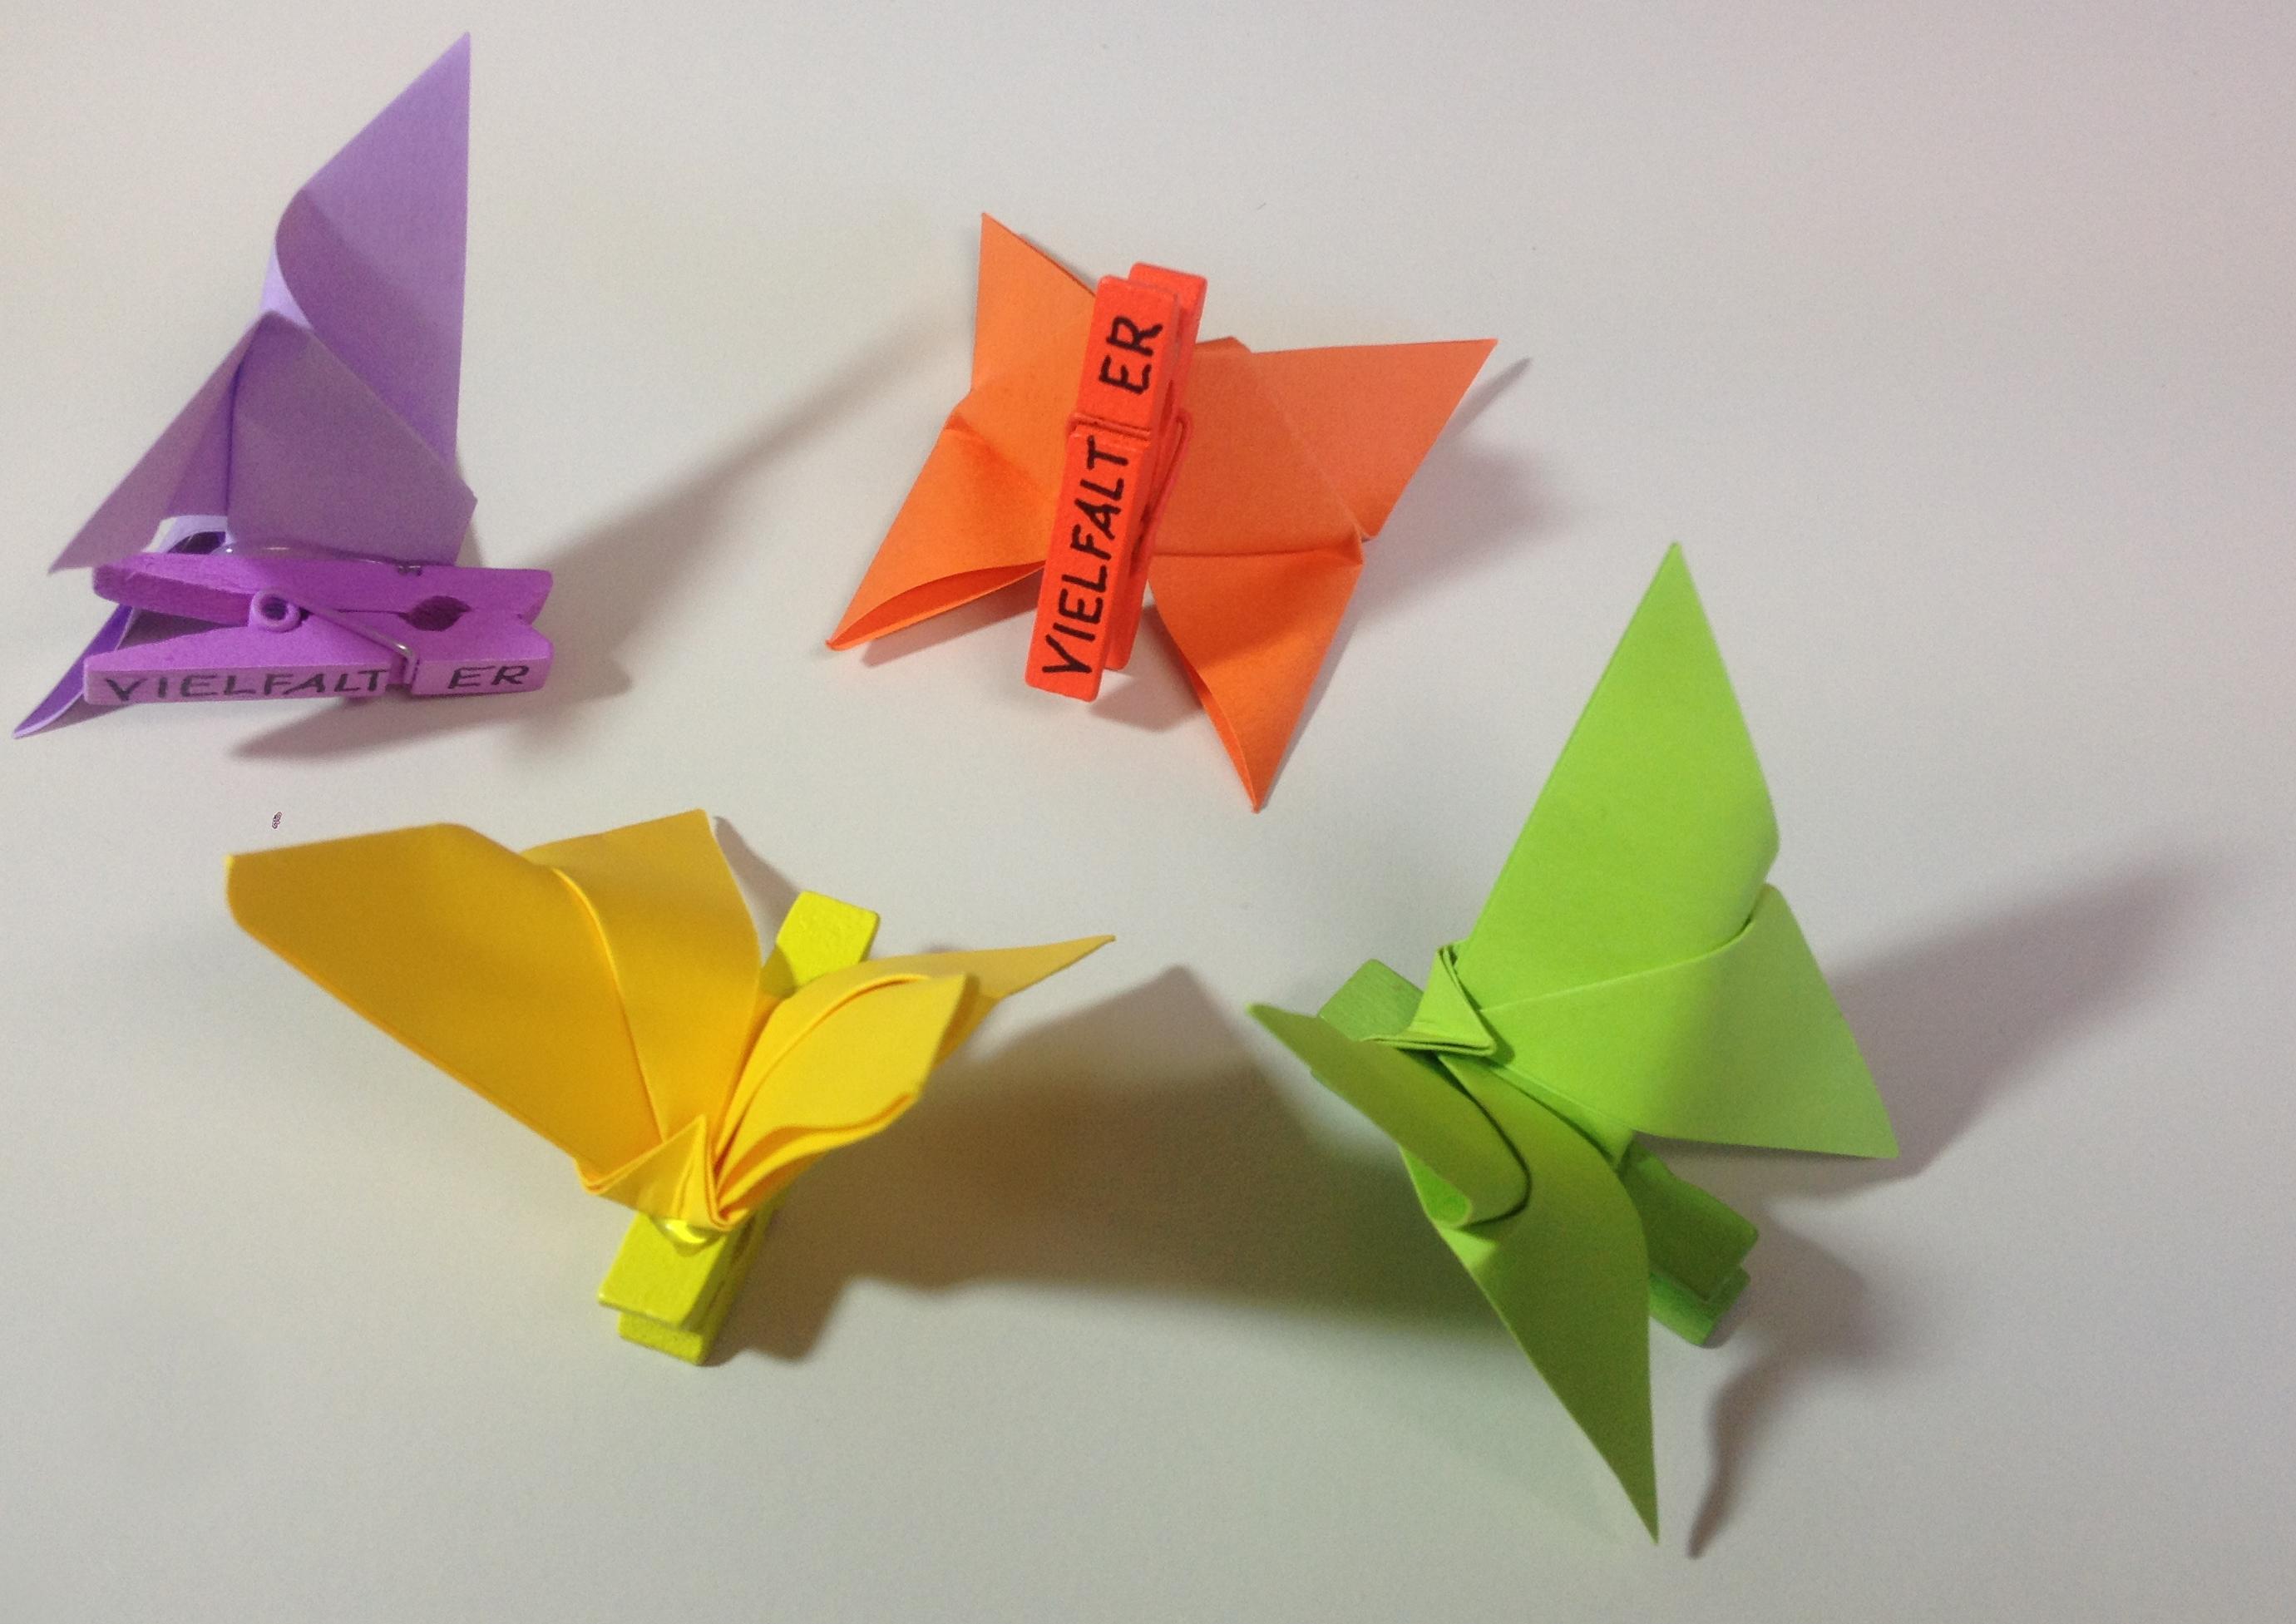 """Vier Schmetterlinge aus gefaltetem Papier und einer Serviettenklammer mit der Aufschrift """"Vielfalter"""""""